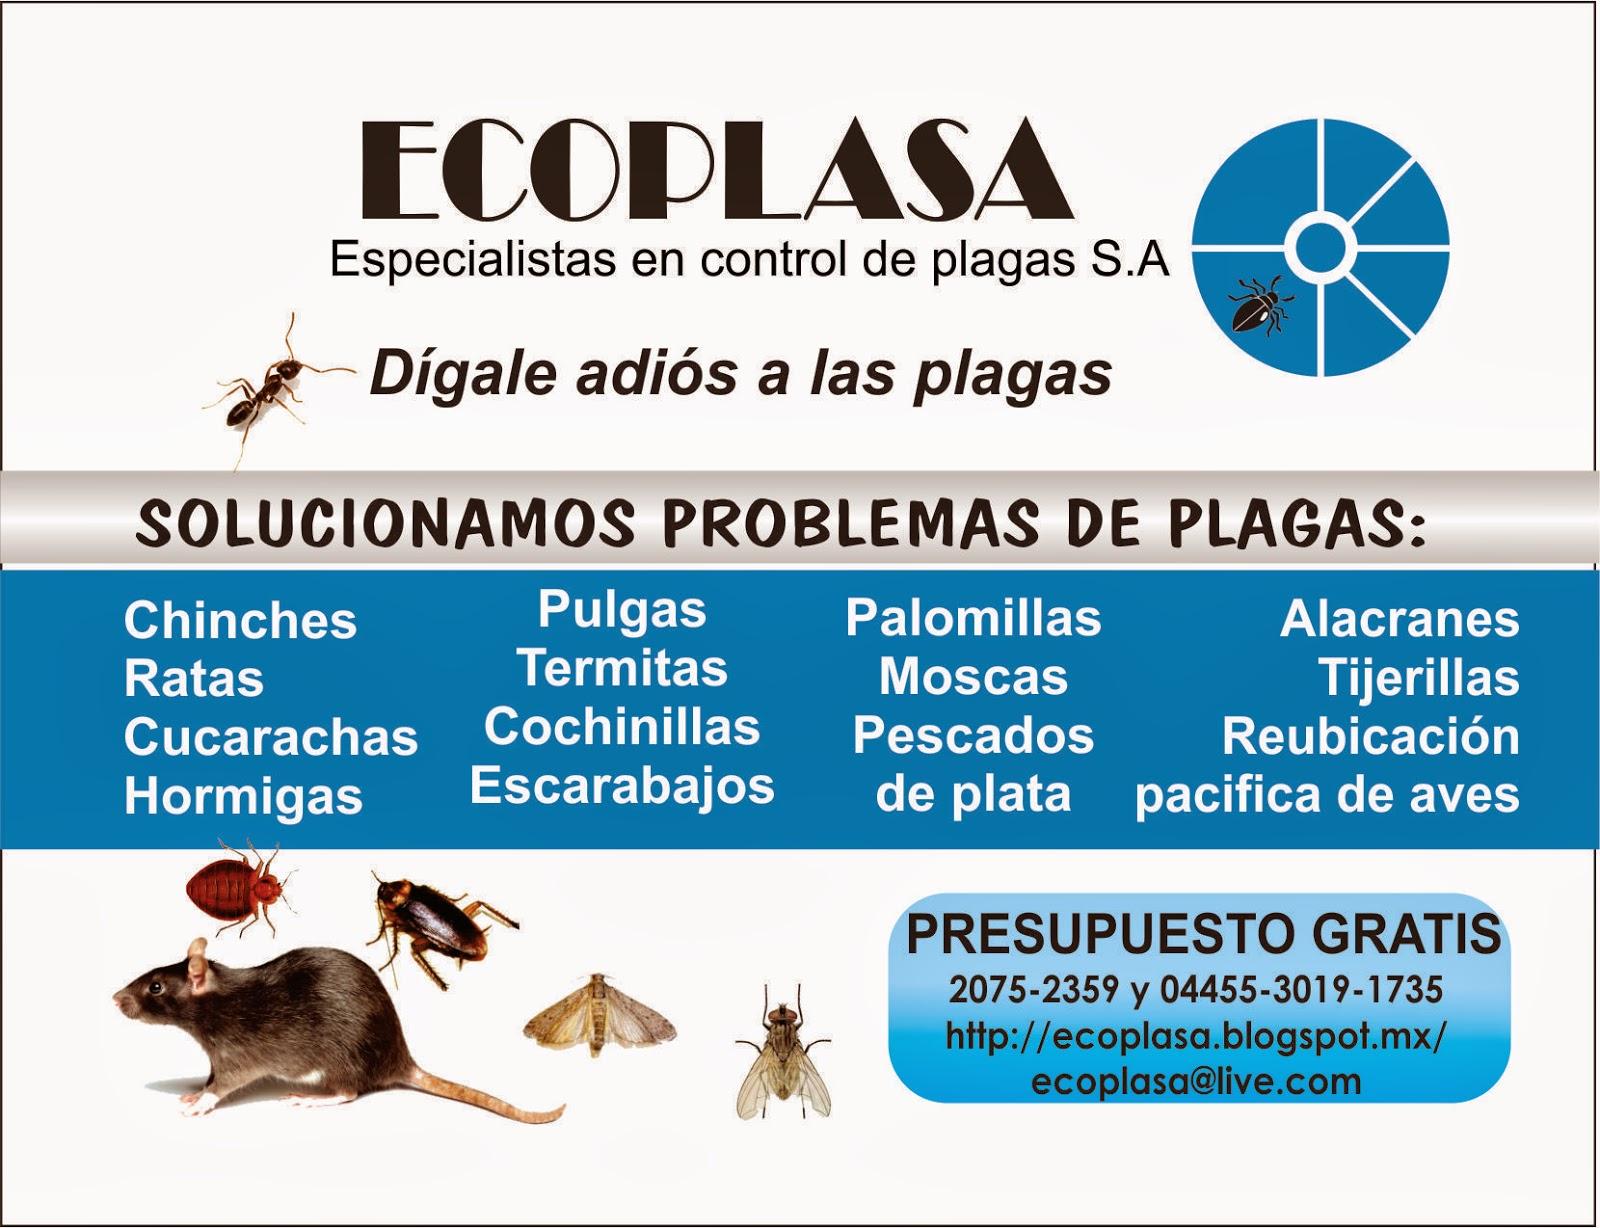 Ecoplasa especialistas en control de plagas s a flyer - Plaga de hormigas en mi casa ...